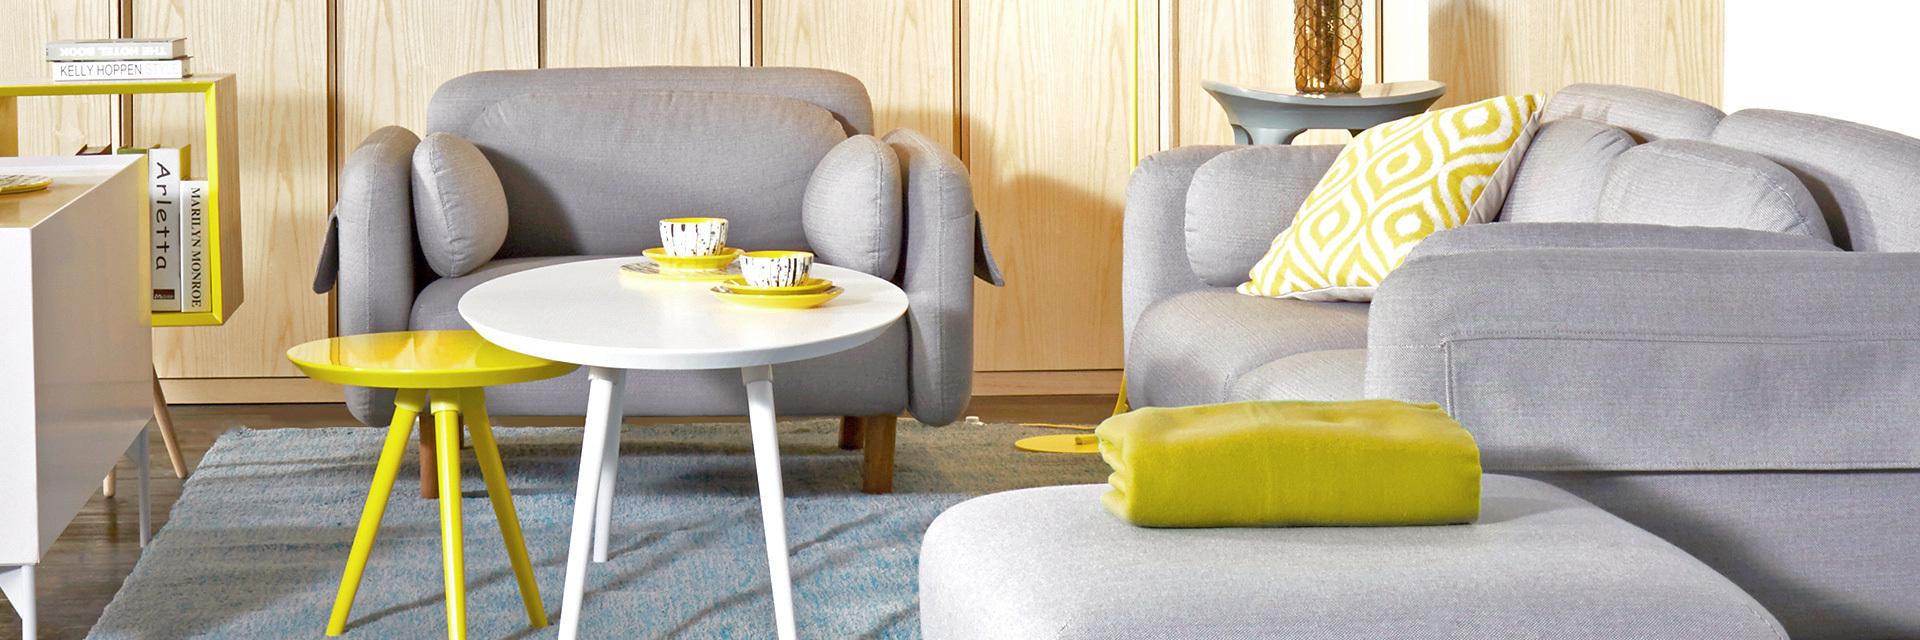 造型小巧玲珑,边缘的细节处理使整体曲线圆润柔和,简洁中不乏趣味,放在客厅跟咖啡桌搭配,制造一组高低错落的弧线。